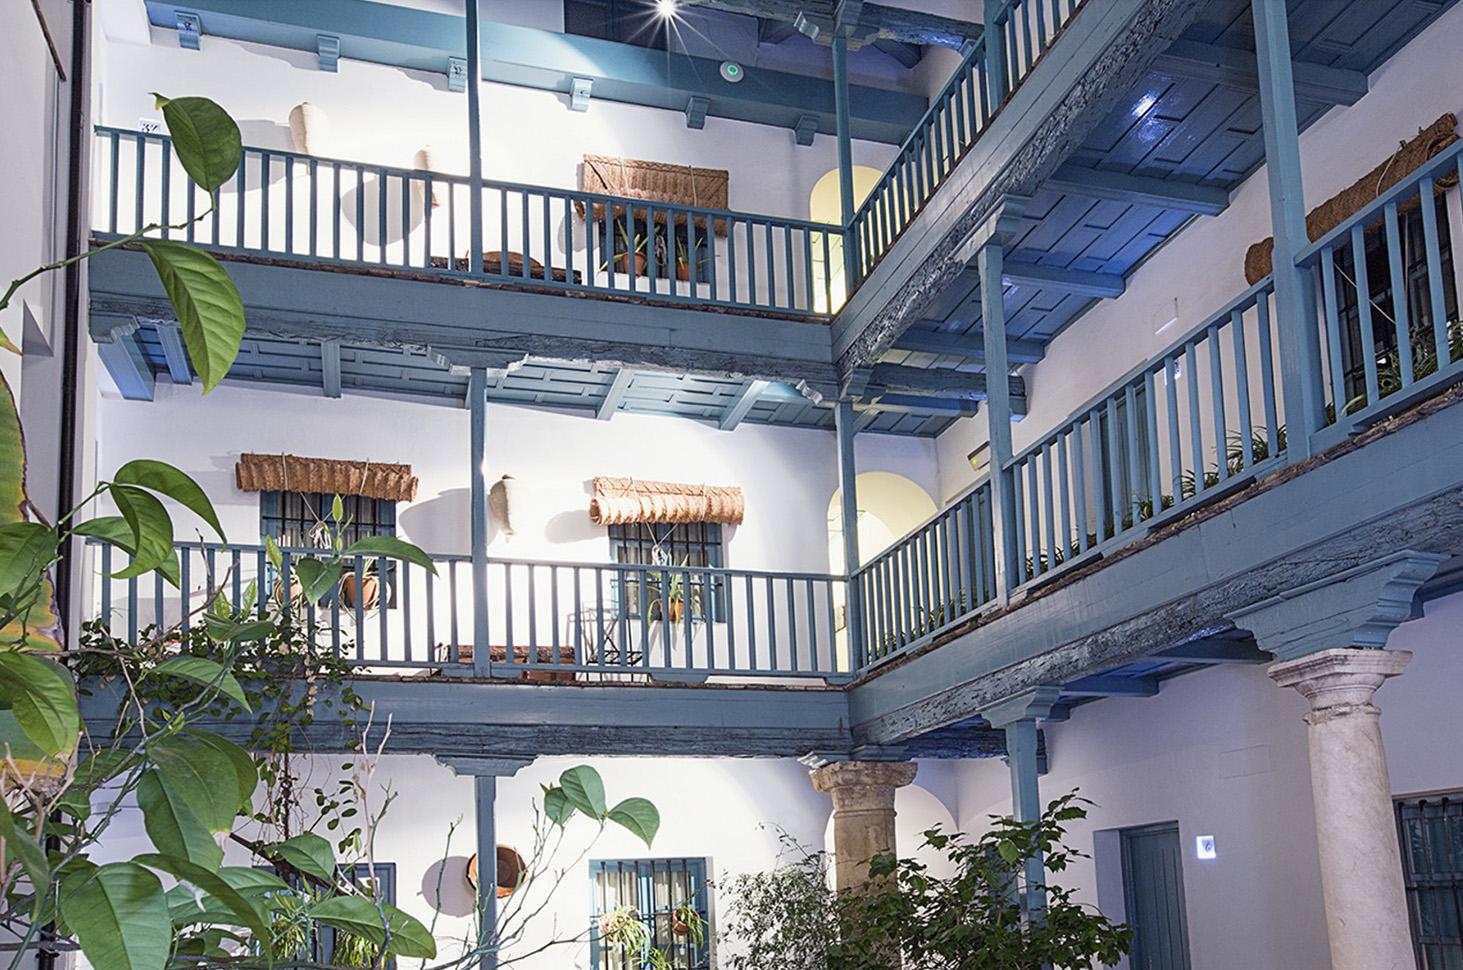 ventanas-hotel-casa-rey-baeza-13